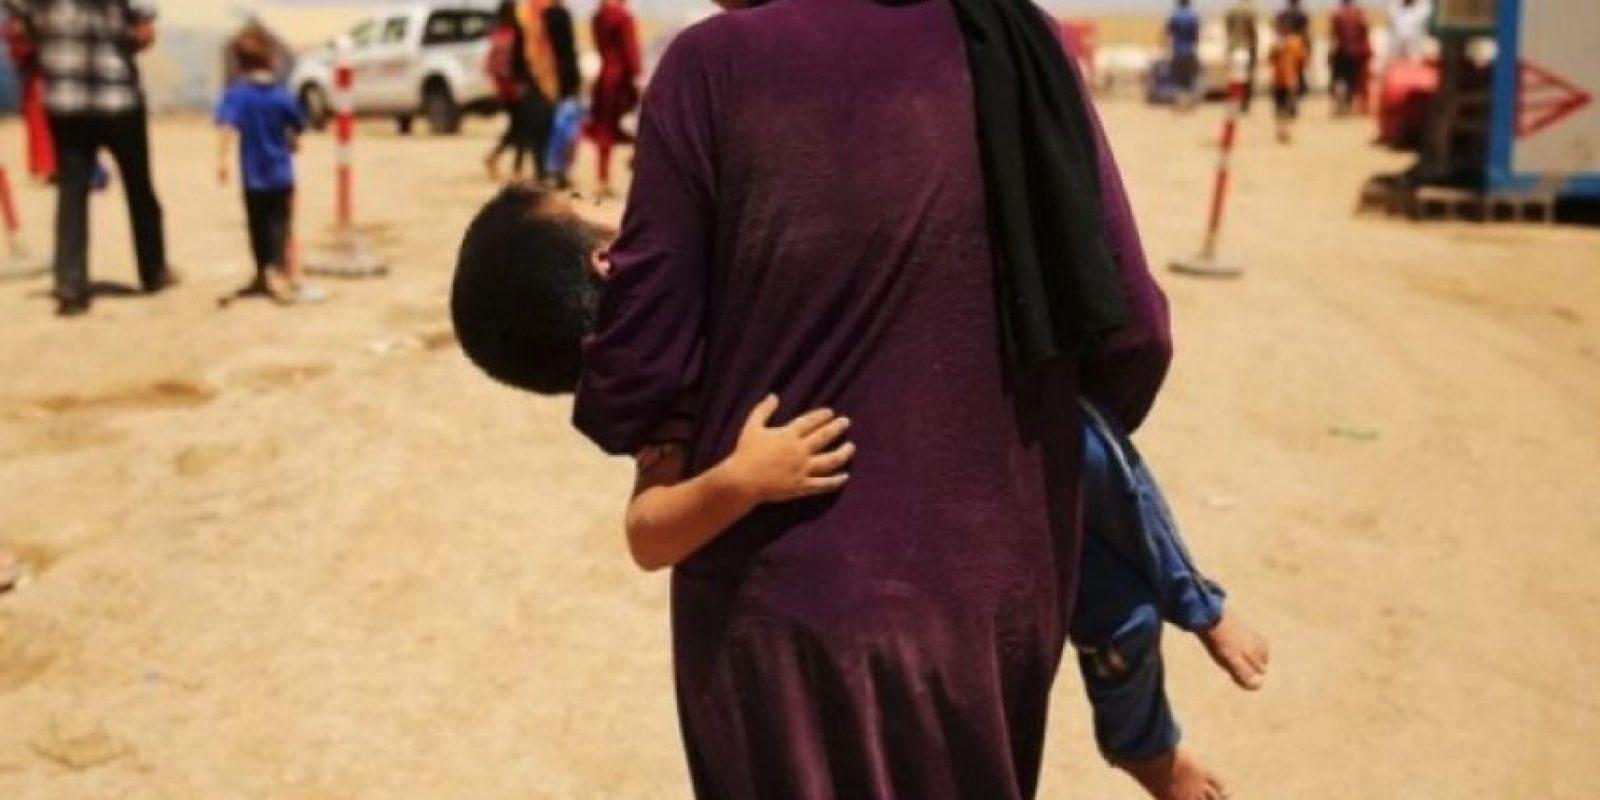 A través de Internet, circula un documento filtrado en el que se muestran los precios que ha establecido a Estado Islámico por sus mujeres, ya sean yizadís o cristianas. Foto:Getty Images